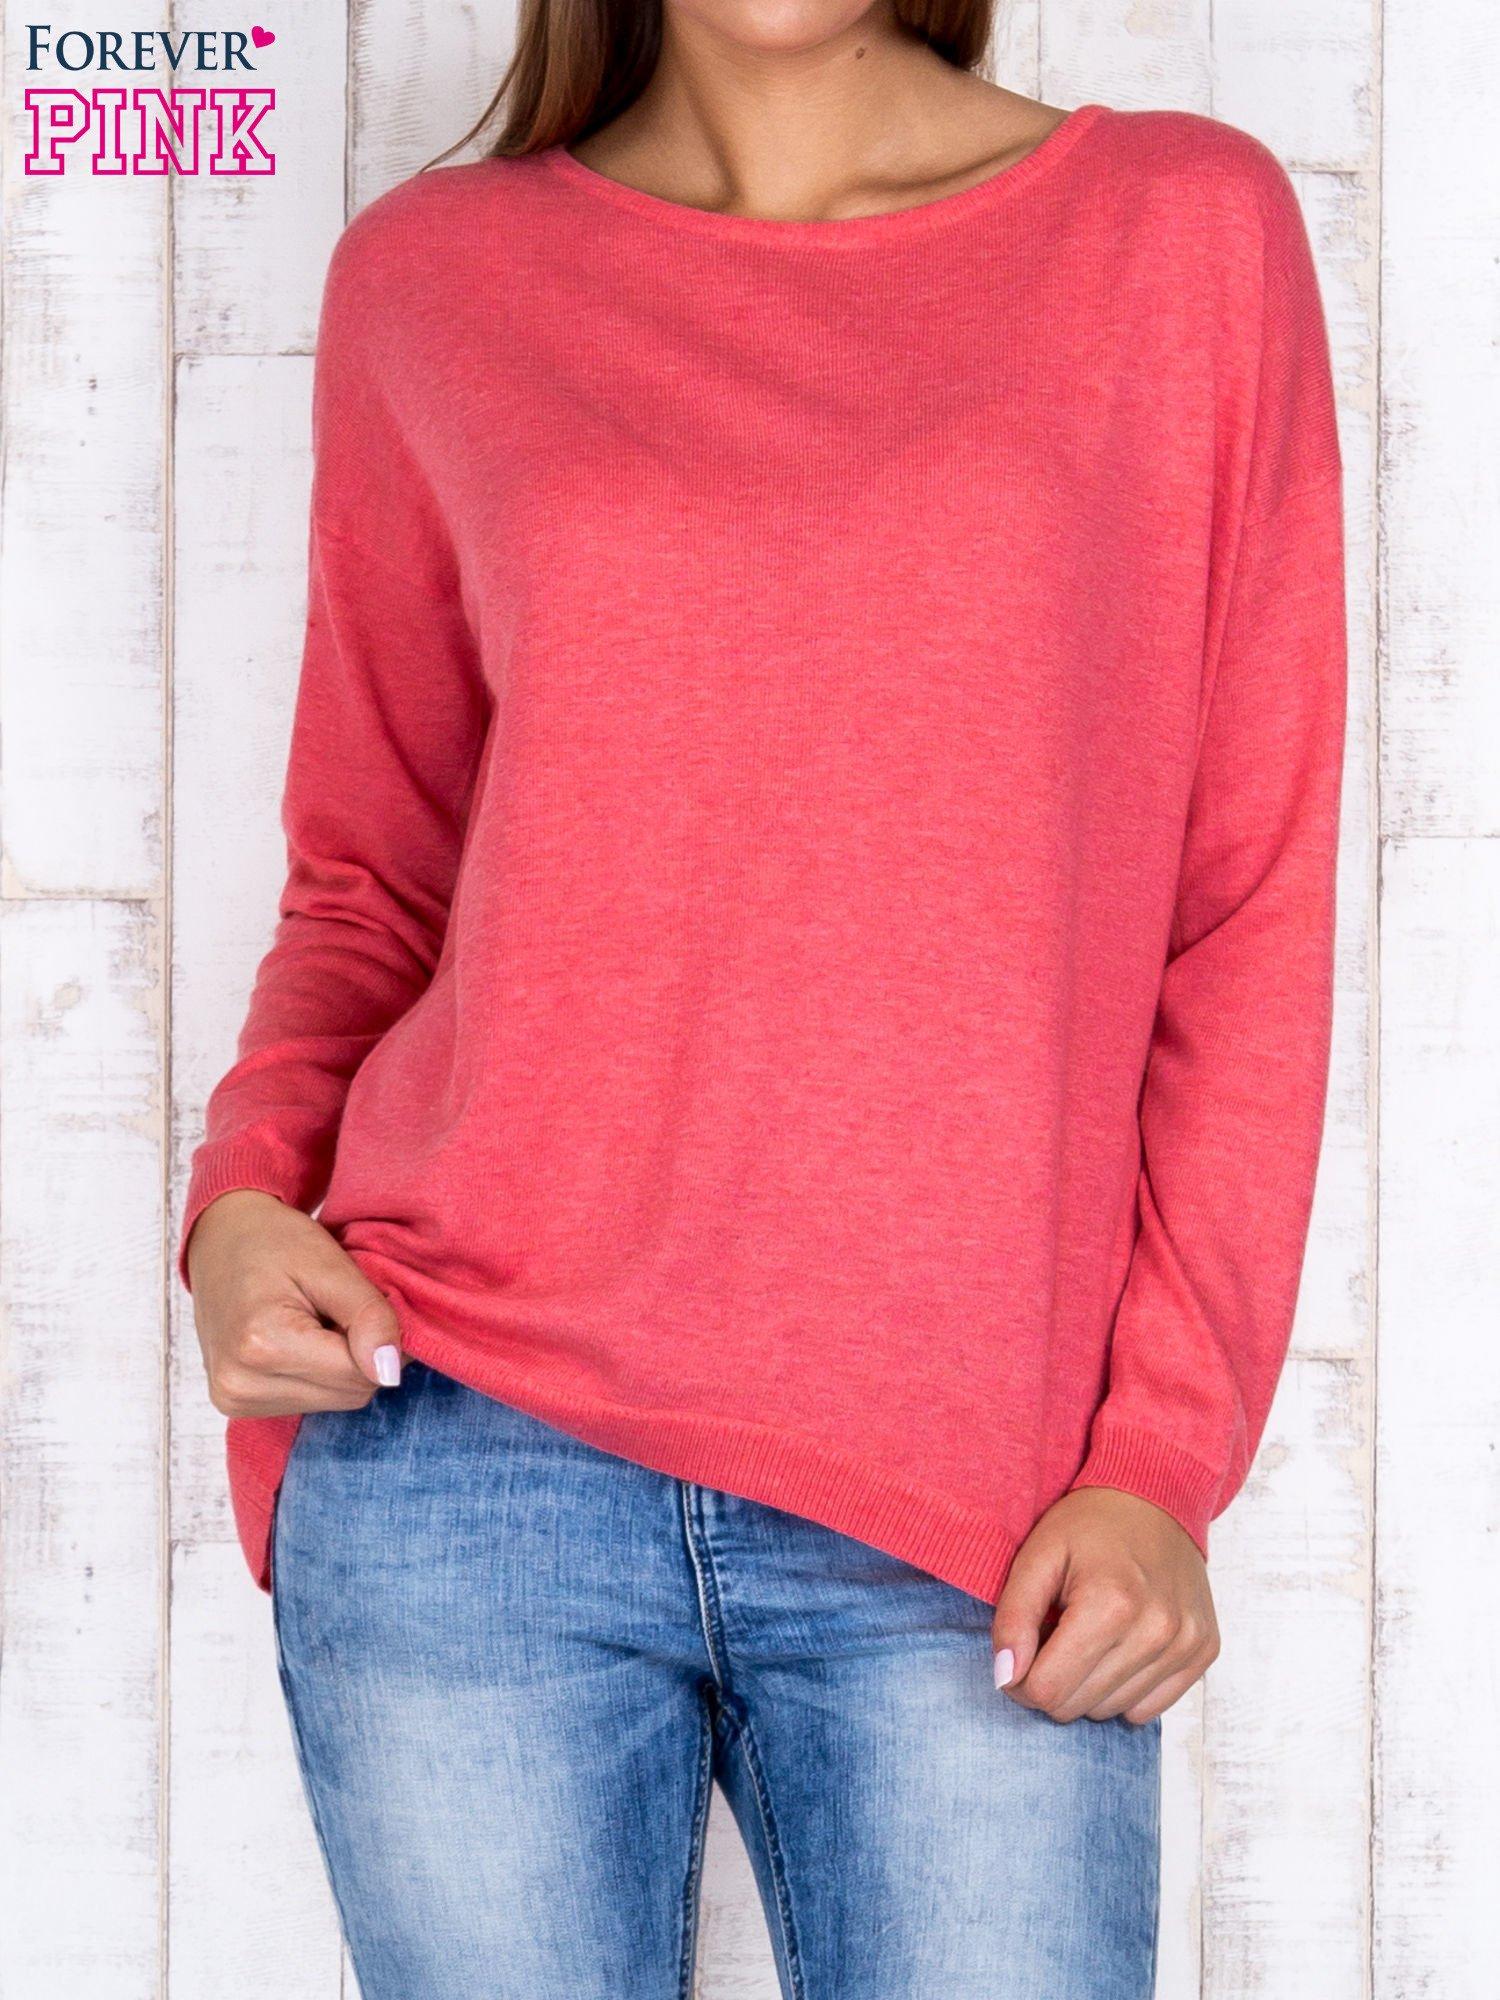 Koralowy nietoperzowy sweter oversize z dłuższym tyłem                                  zdj.                                  1